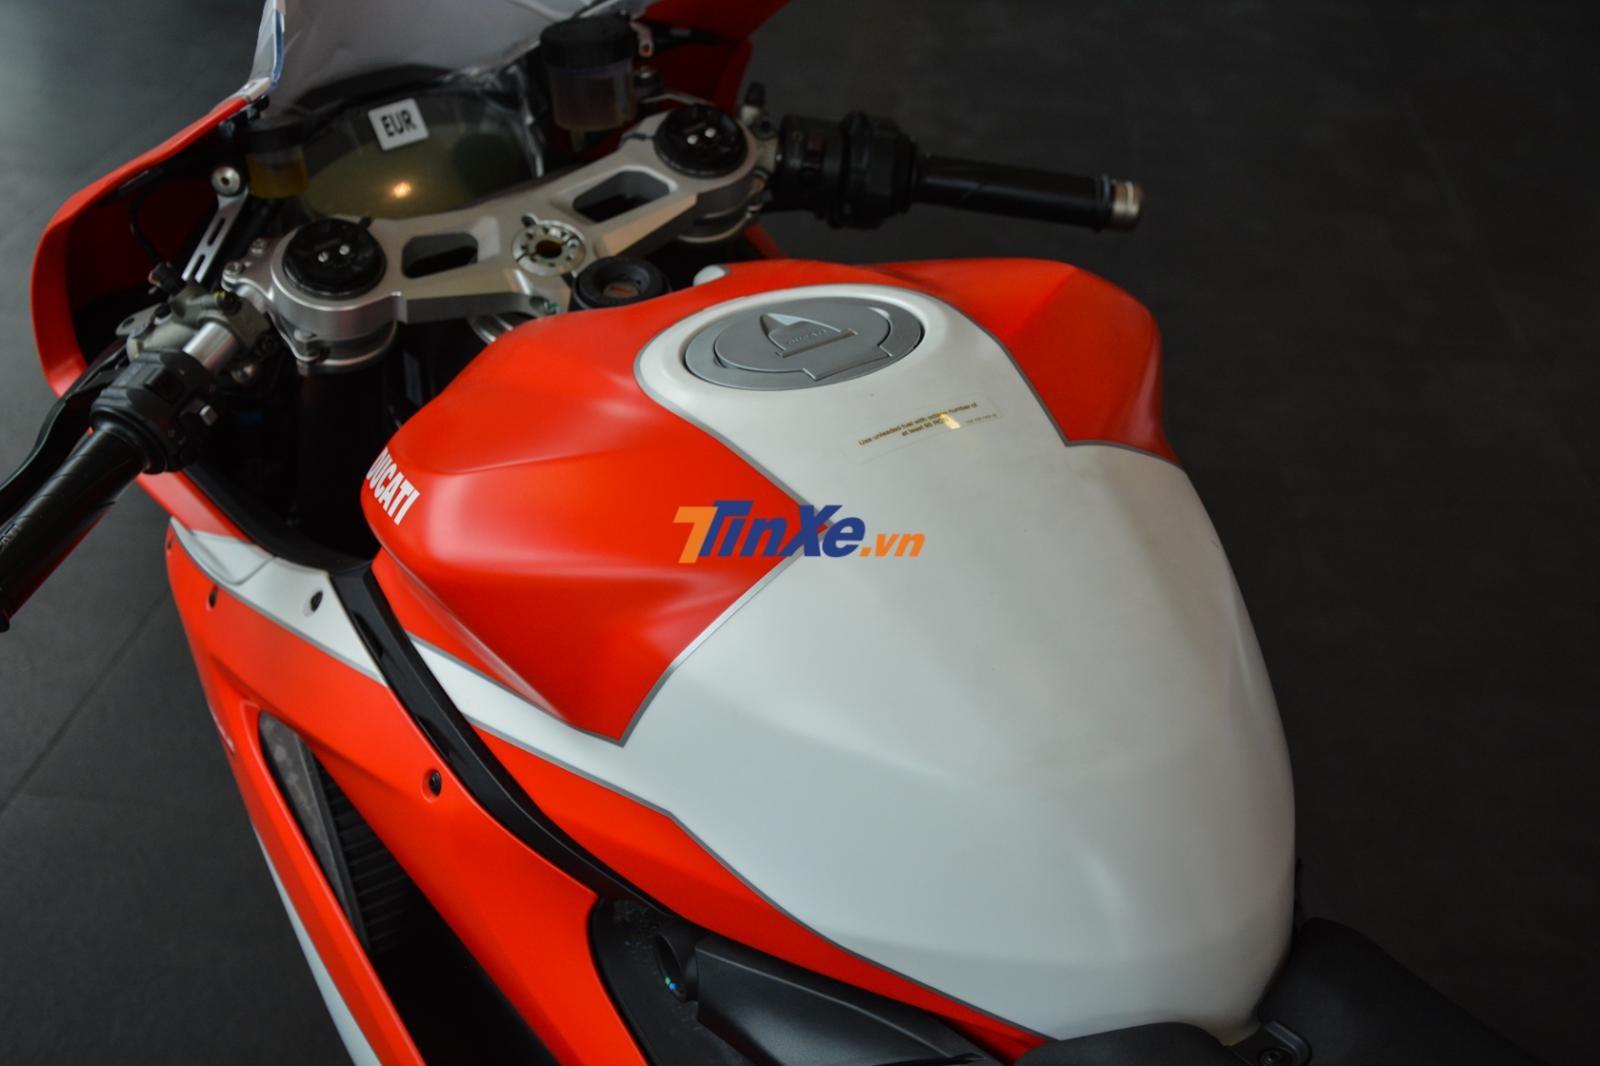 Bình xăng bằng nhôm trên Ducati 959 Panigale Corse cũng được sơn hai màu nhám là đỏ và trắng